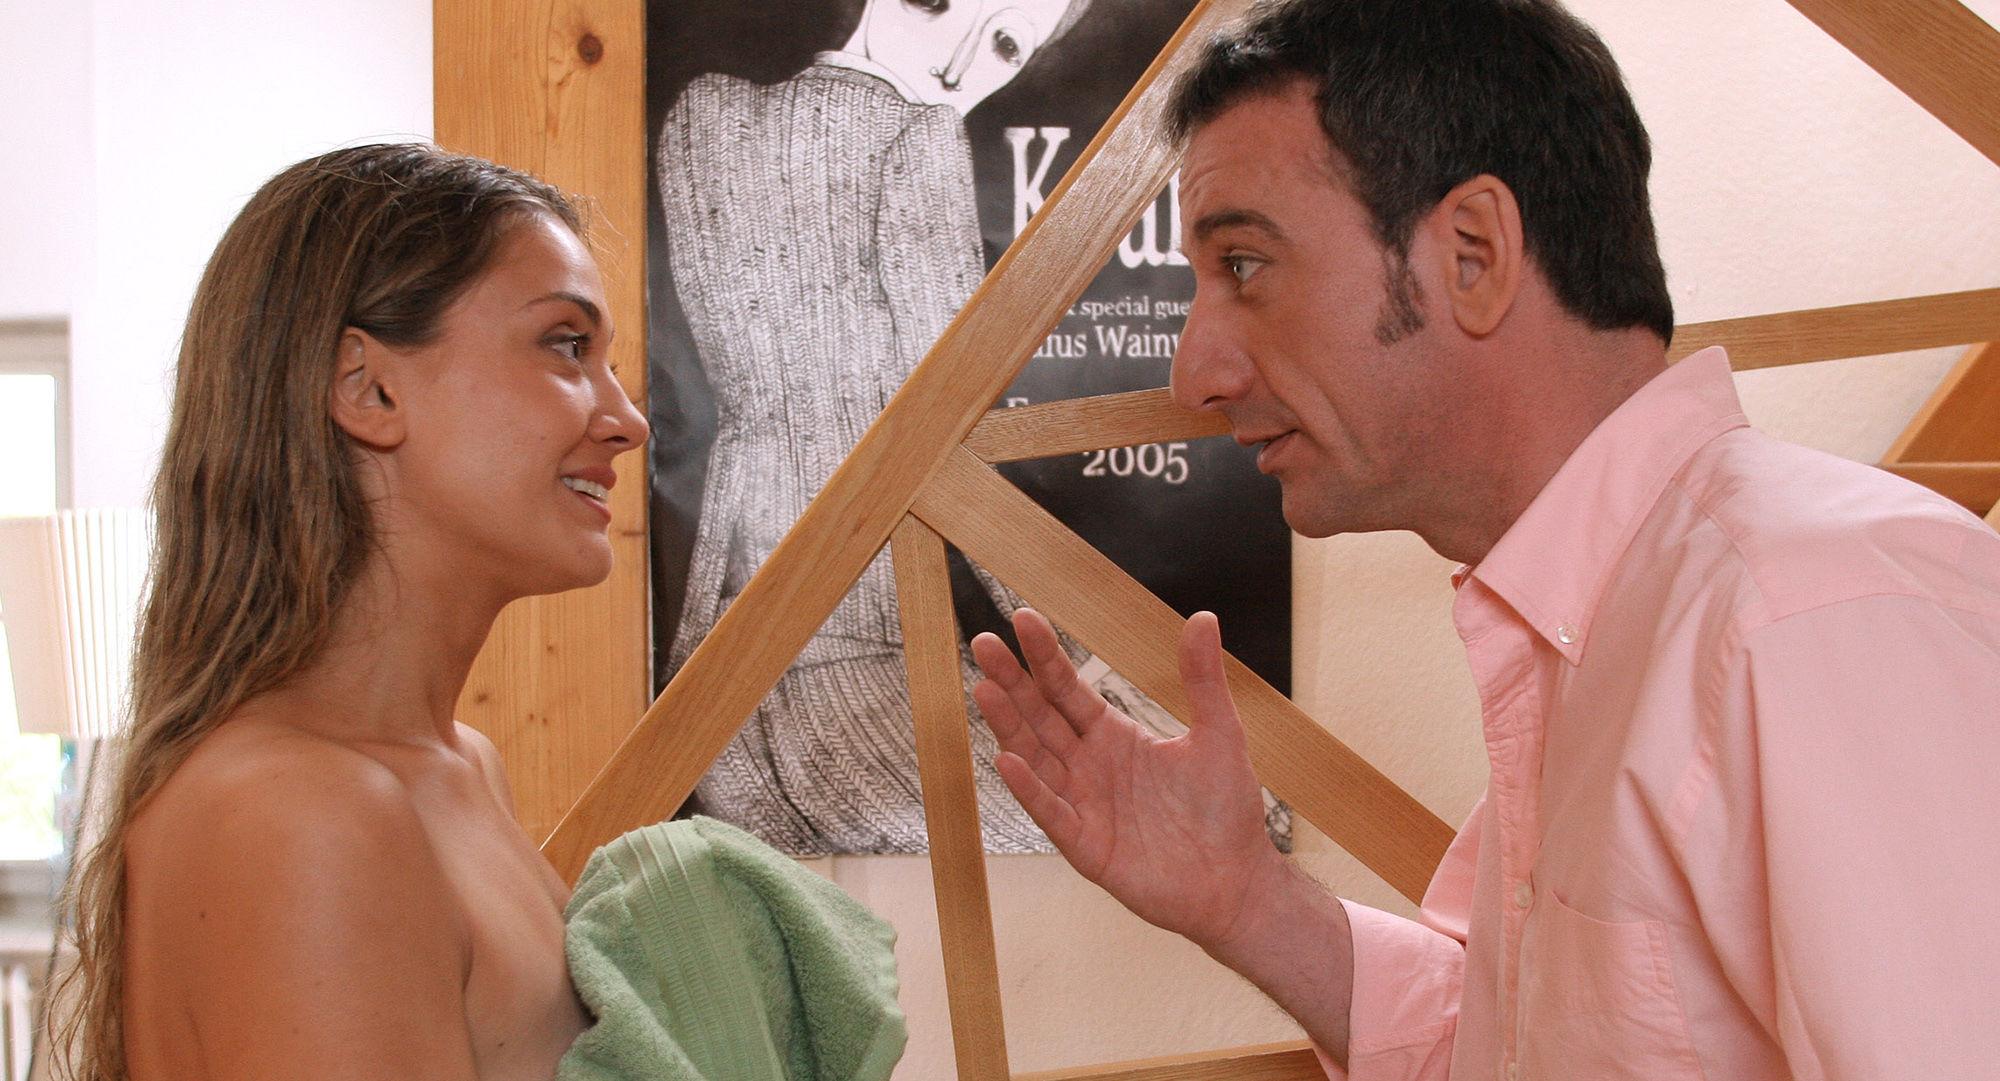 Heio von Stetten (Peter Sommer), Nicole Ennemoser (Maria Hecht)